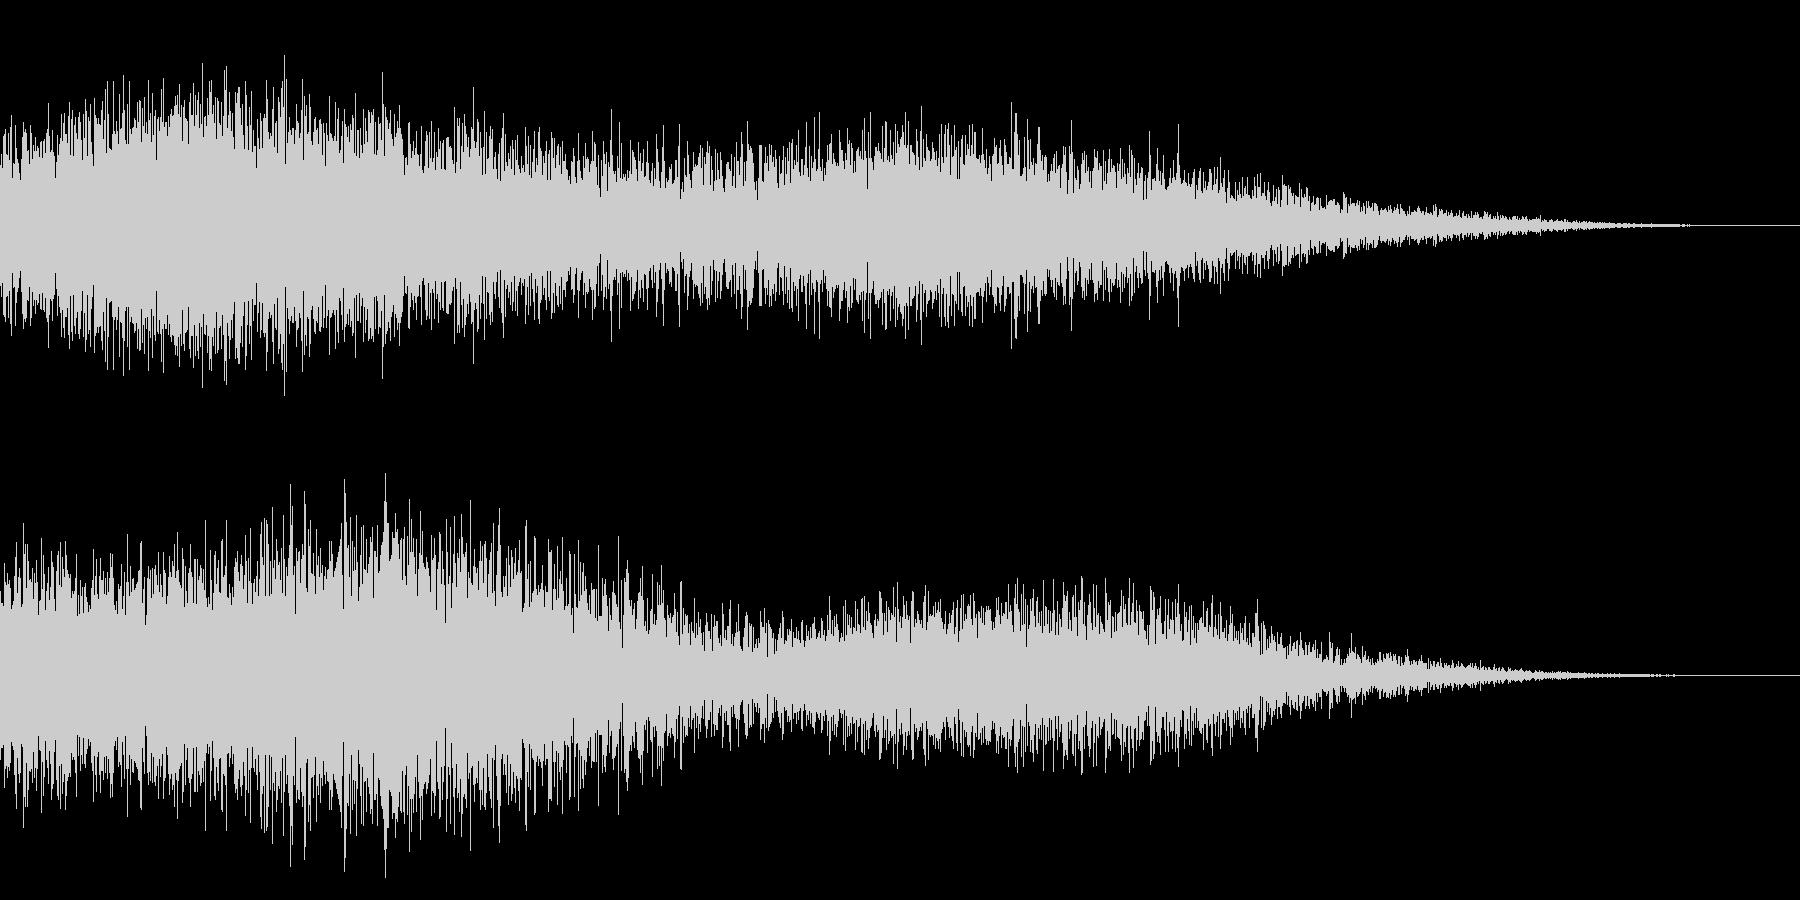 ホラー系アタック音37の未再生の波形